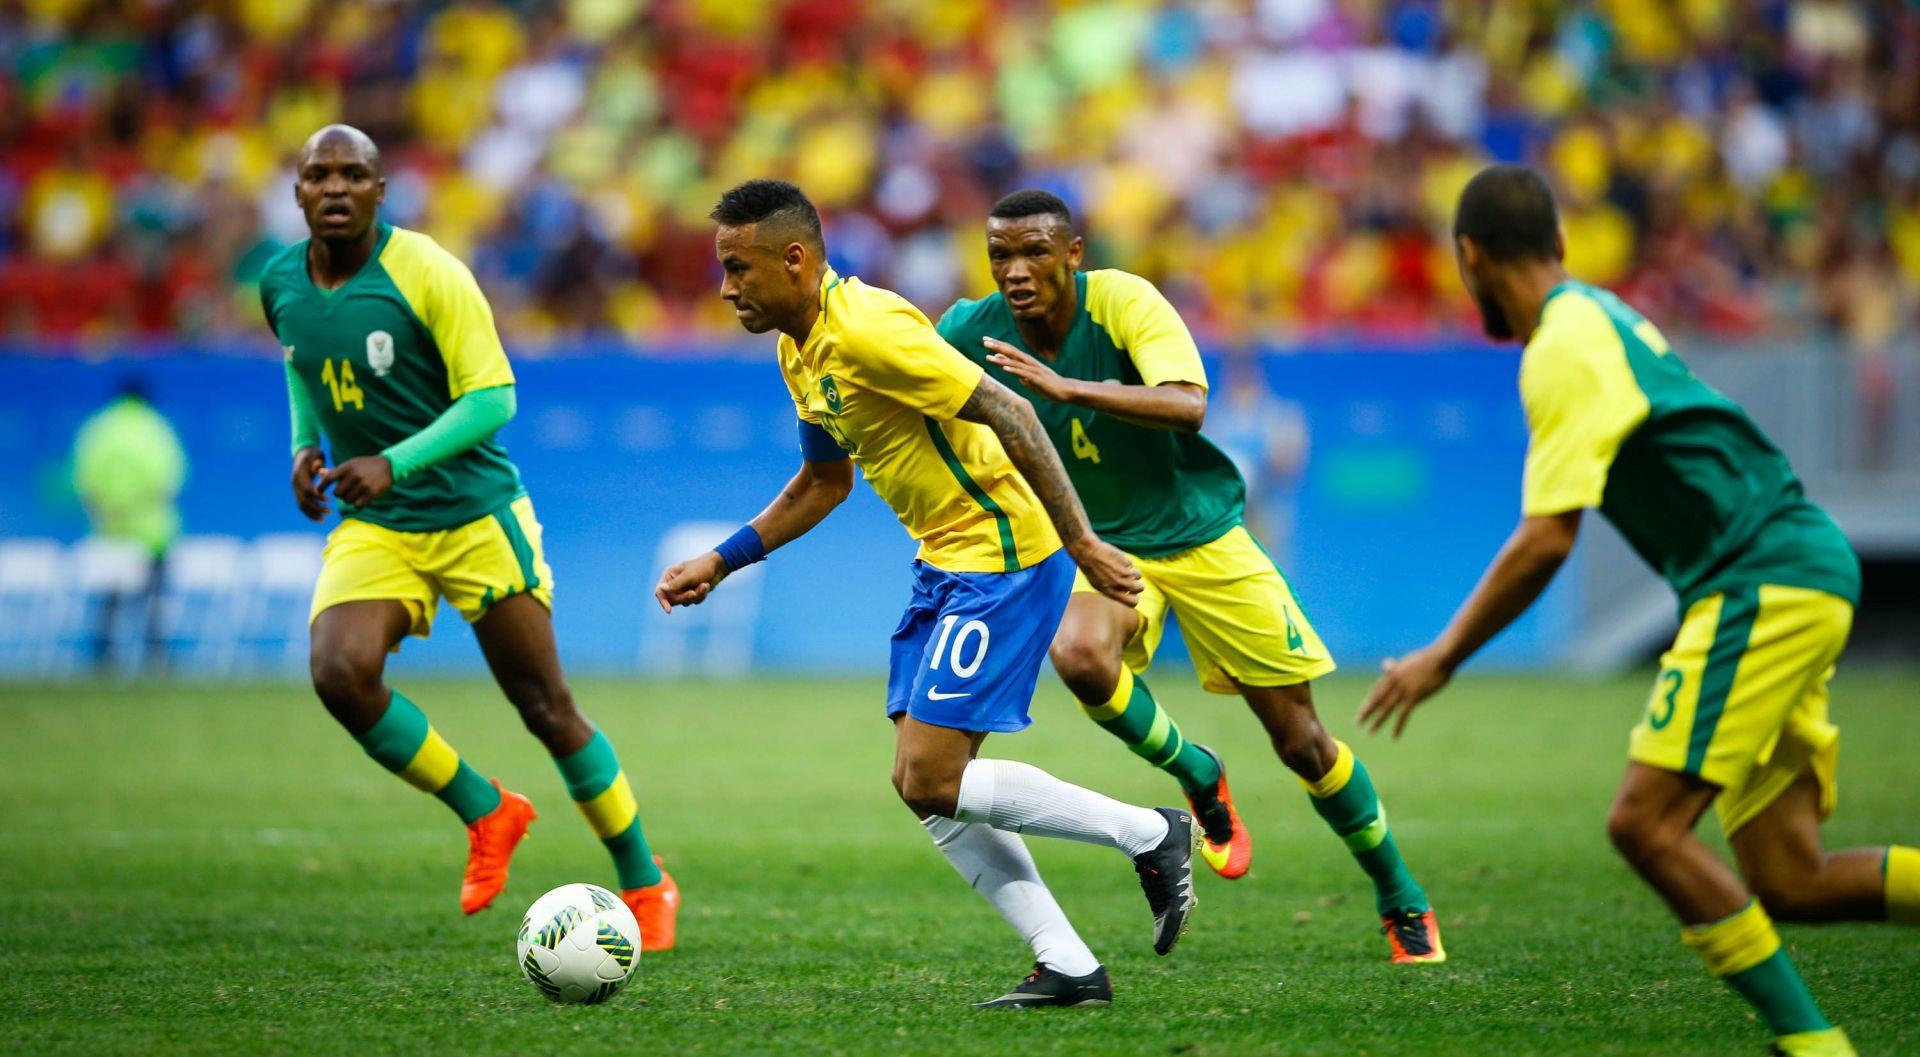 OI RIO Brazil se 'popiknuo' odmah na početku, domaći nogometaši ispraćeni zvižducima